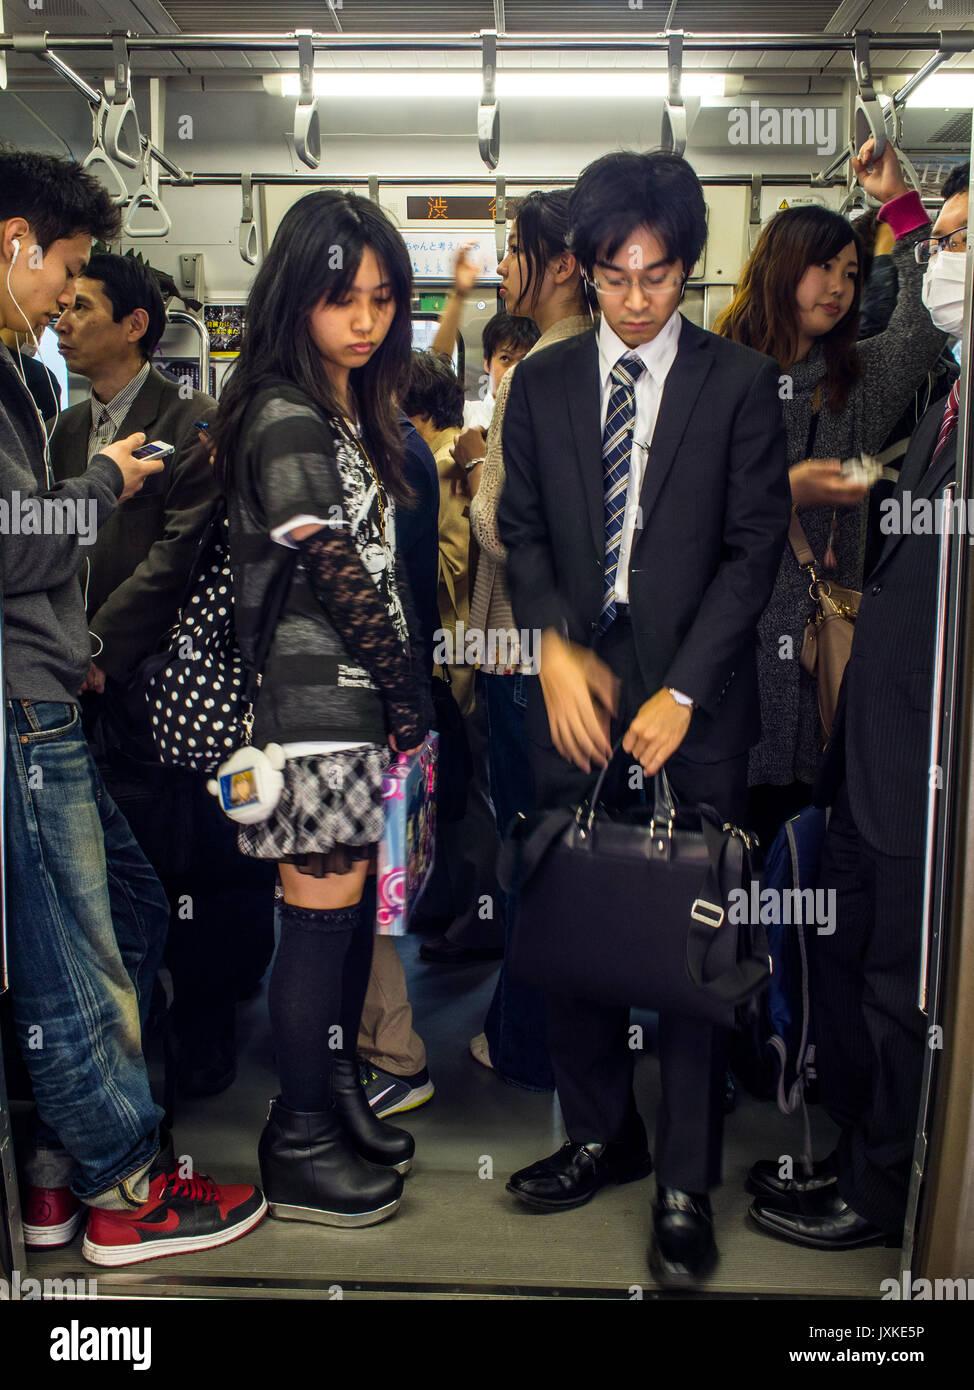 Affollato treno Stazione di Shinjuku, Toko, Giappone Immagini Stock